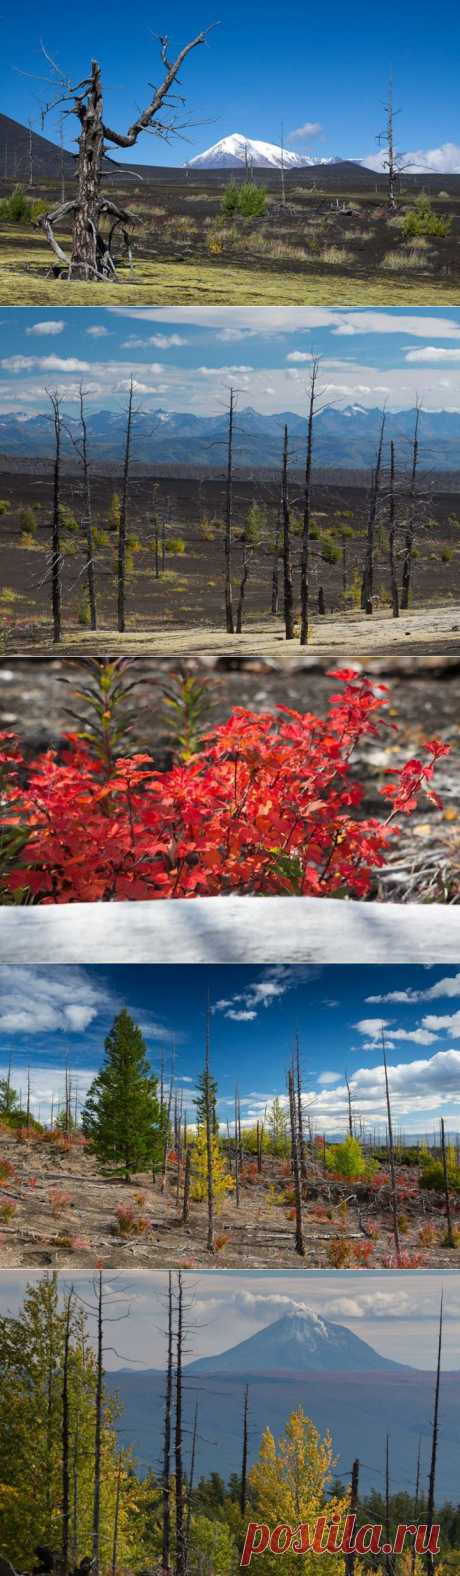 (+1) тема - Сказки мёртвого леса. | Непутевые заметки